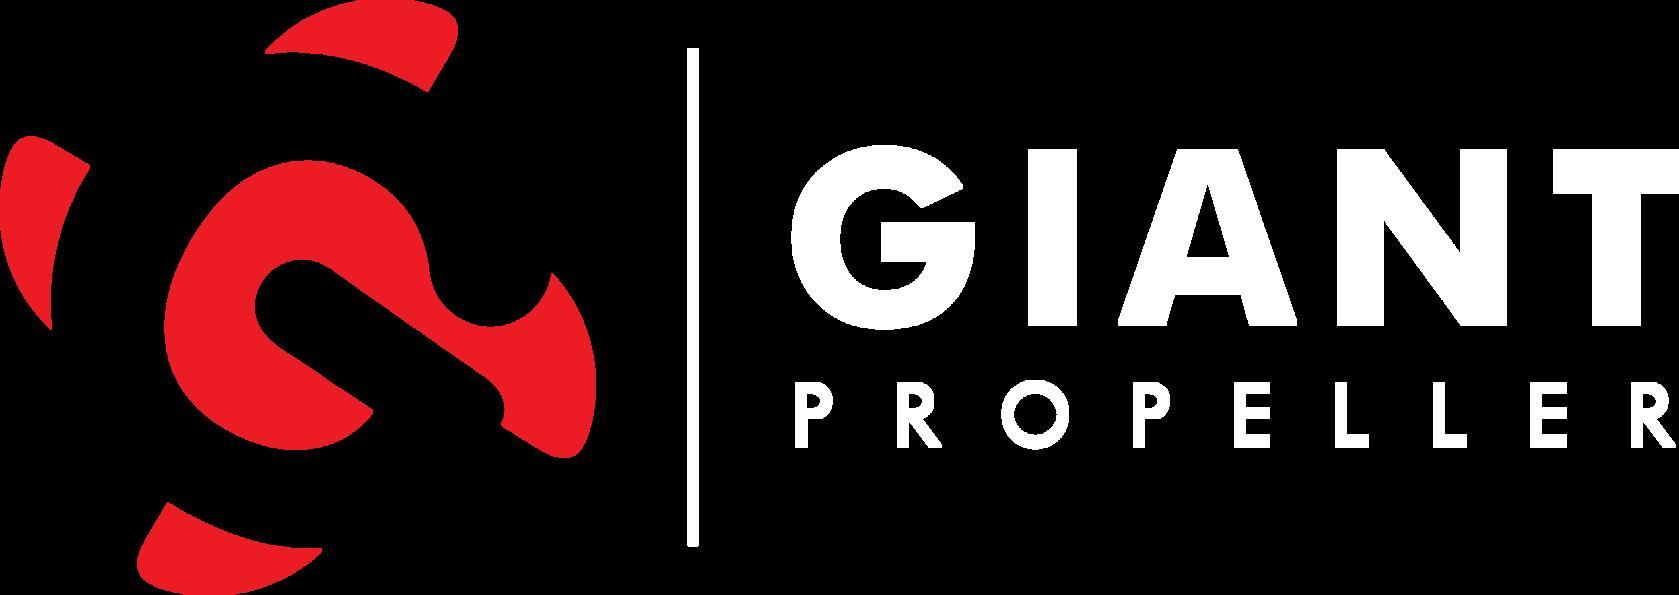 Giant Propeller logo